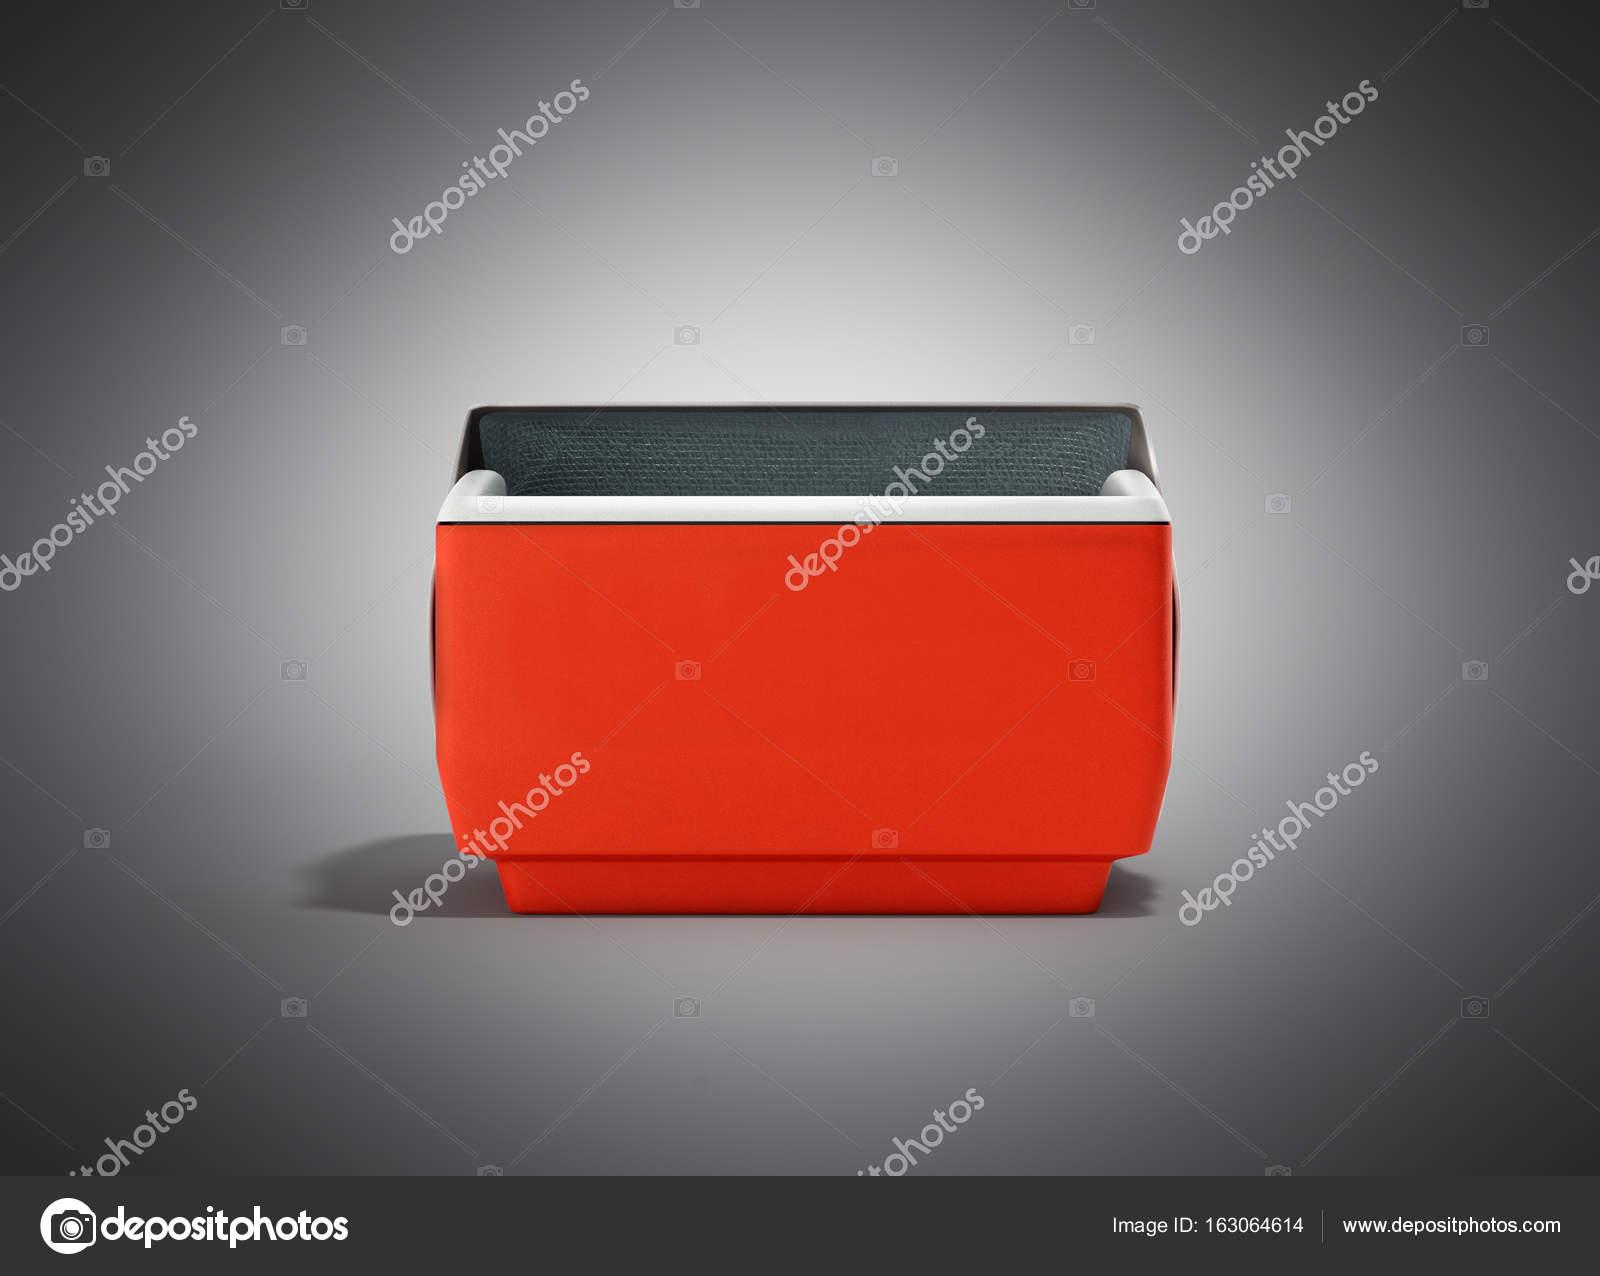 Kühlschrank Box : Offenen kühlschrank box rot d render auf grauem hintergrund